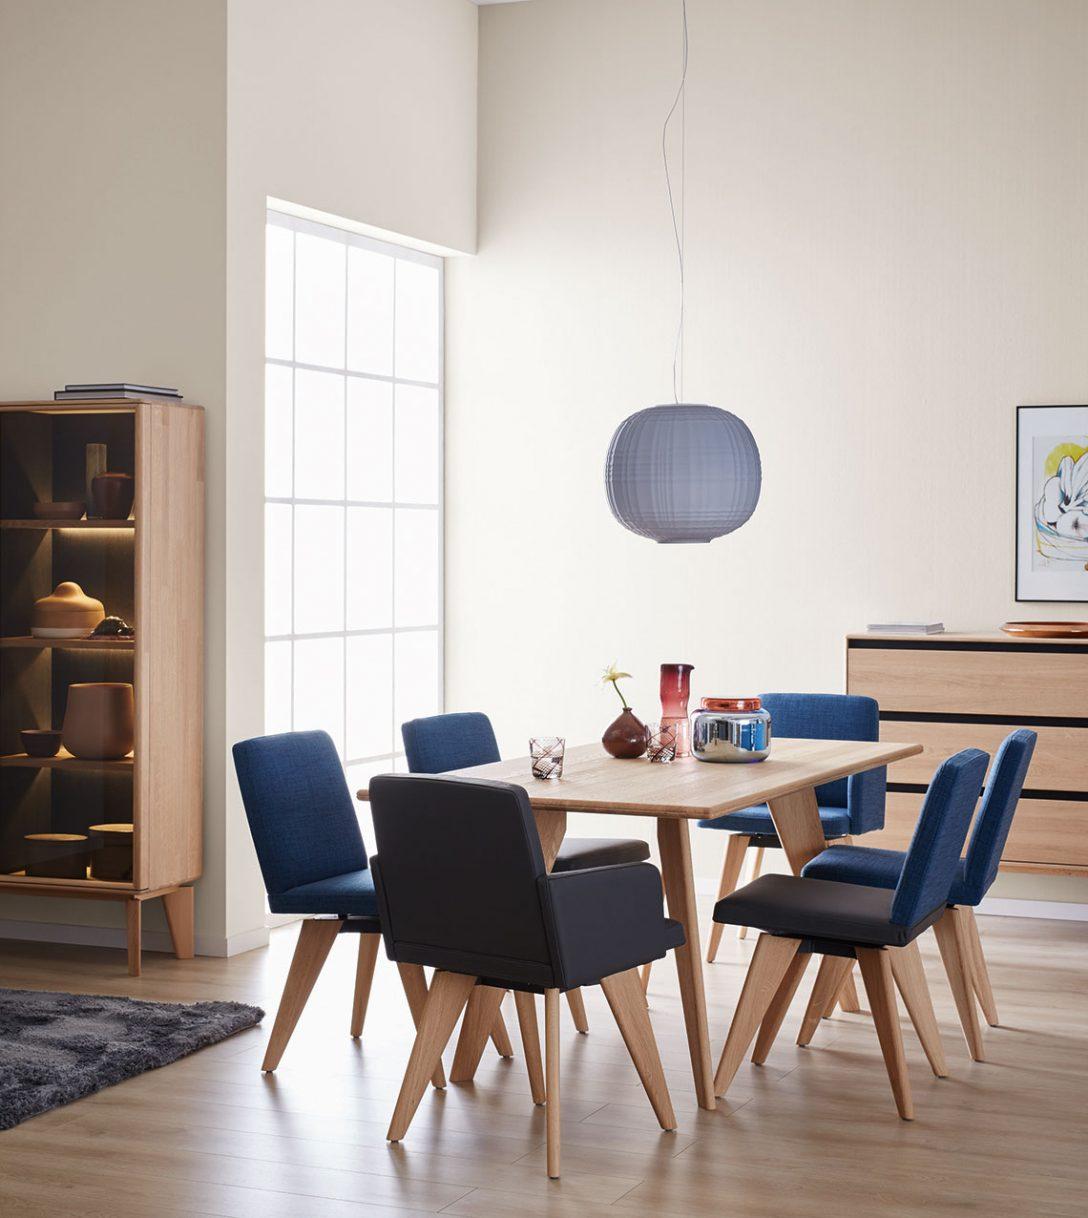 Large Size of Moderne Wandfarben Modernes Bett Duschen Bilder Fürs Wohnzimmer Deckenleuchte 180x200 Esstische Sofa Landhausküche Wohnzimmer Moderne Wandfarben